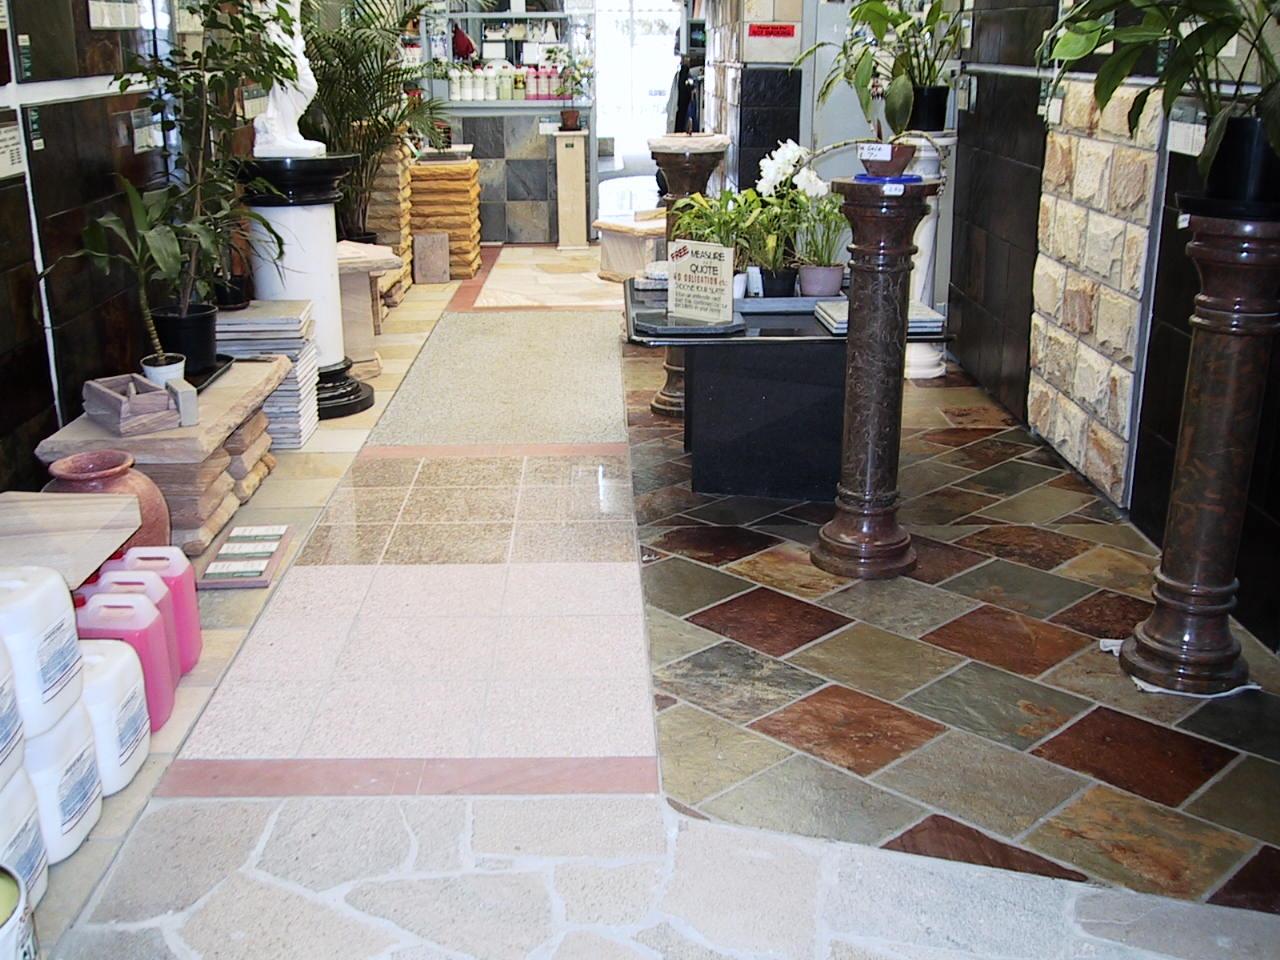 110 Our Showroom Floor.jpg